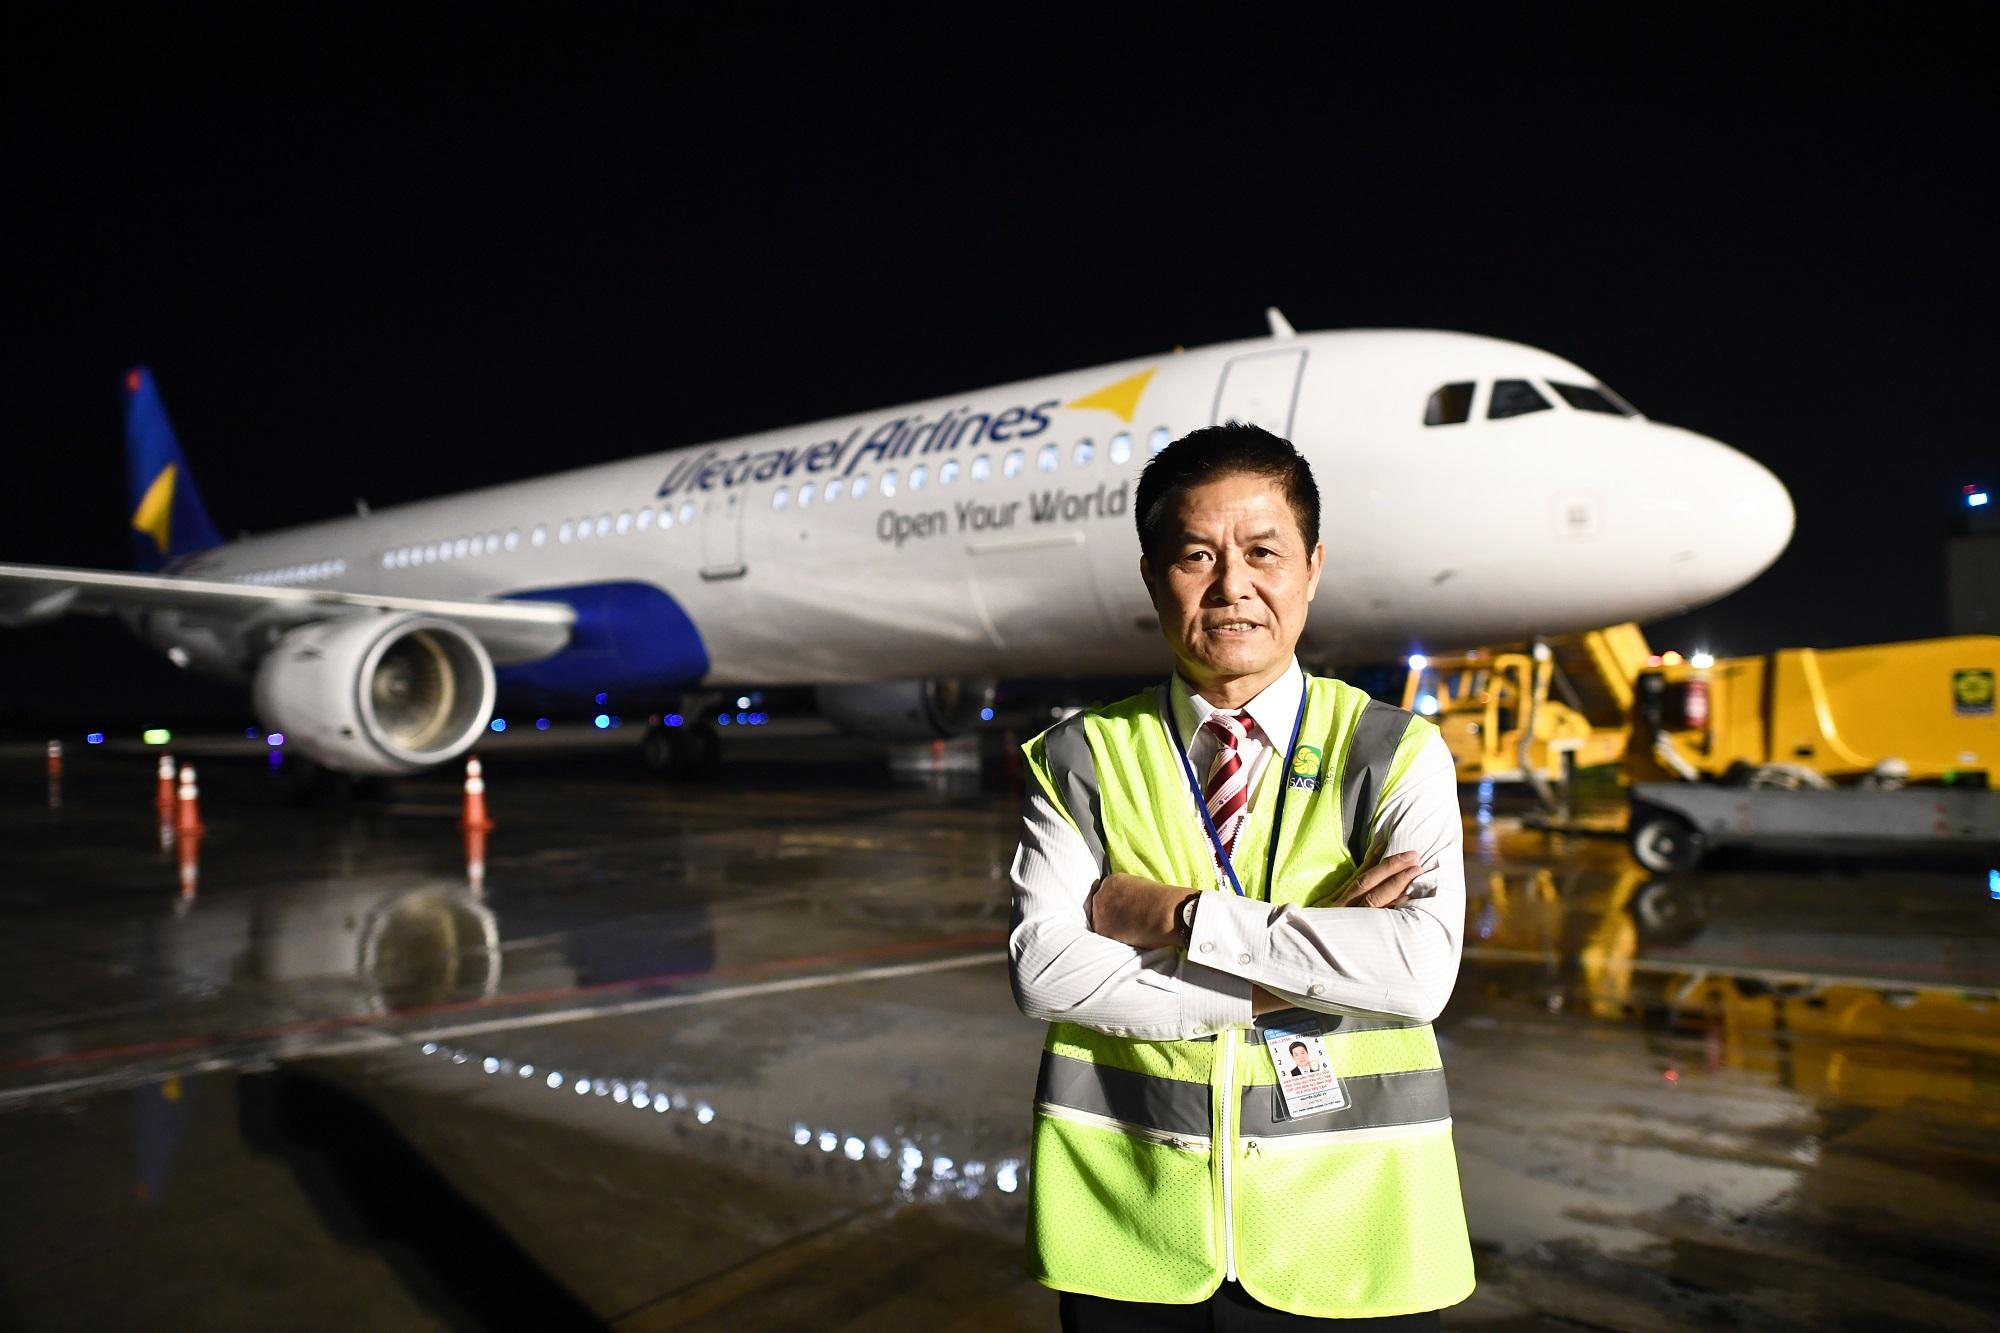 """Ông Nguyễn Quốc Kỳ bước đầu hoàn thành giấc mơ bay cùng Vietravel Airlines và đang tiếp tục cùng cộng sự """"chắp cánh"""" để hãng bay cao, bay xa."""